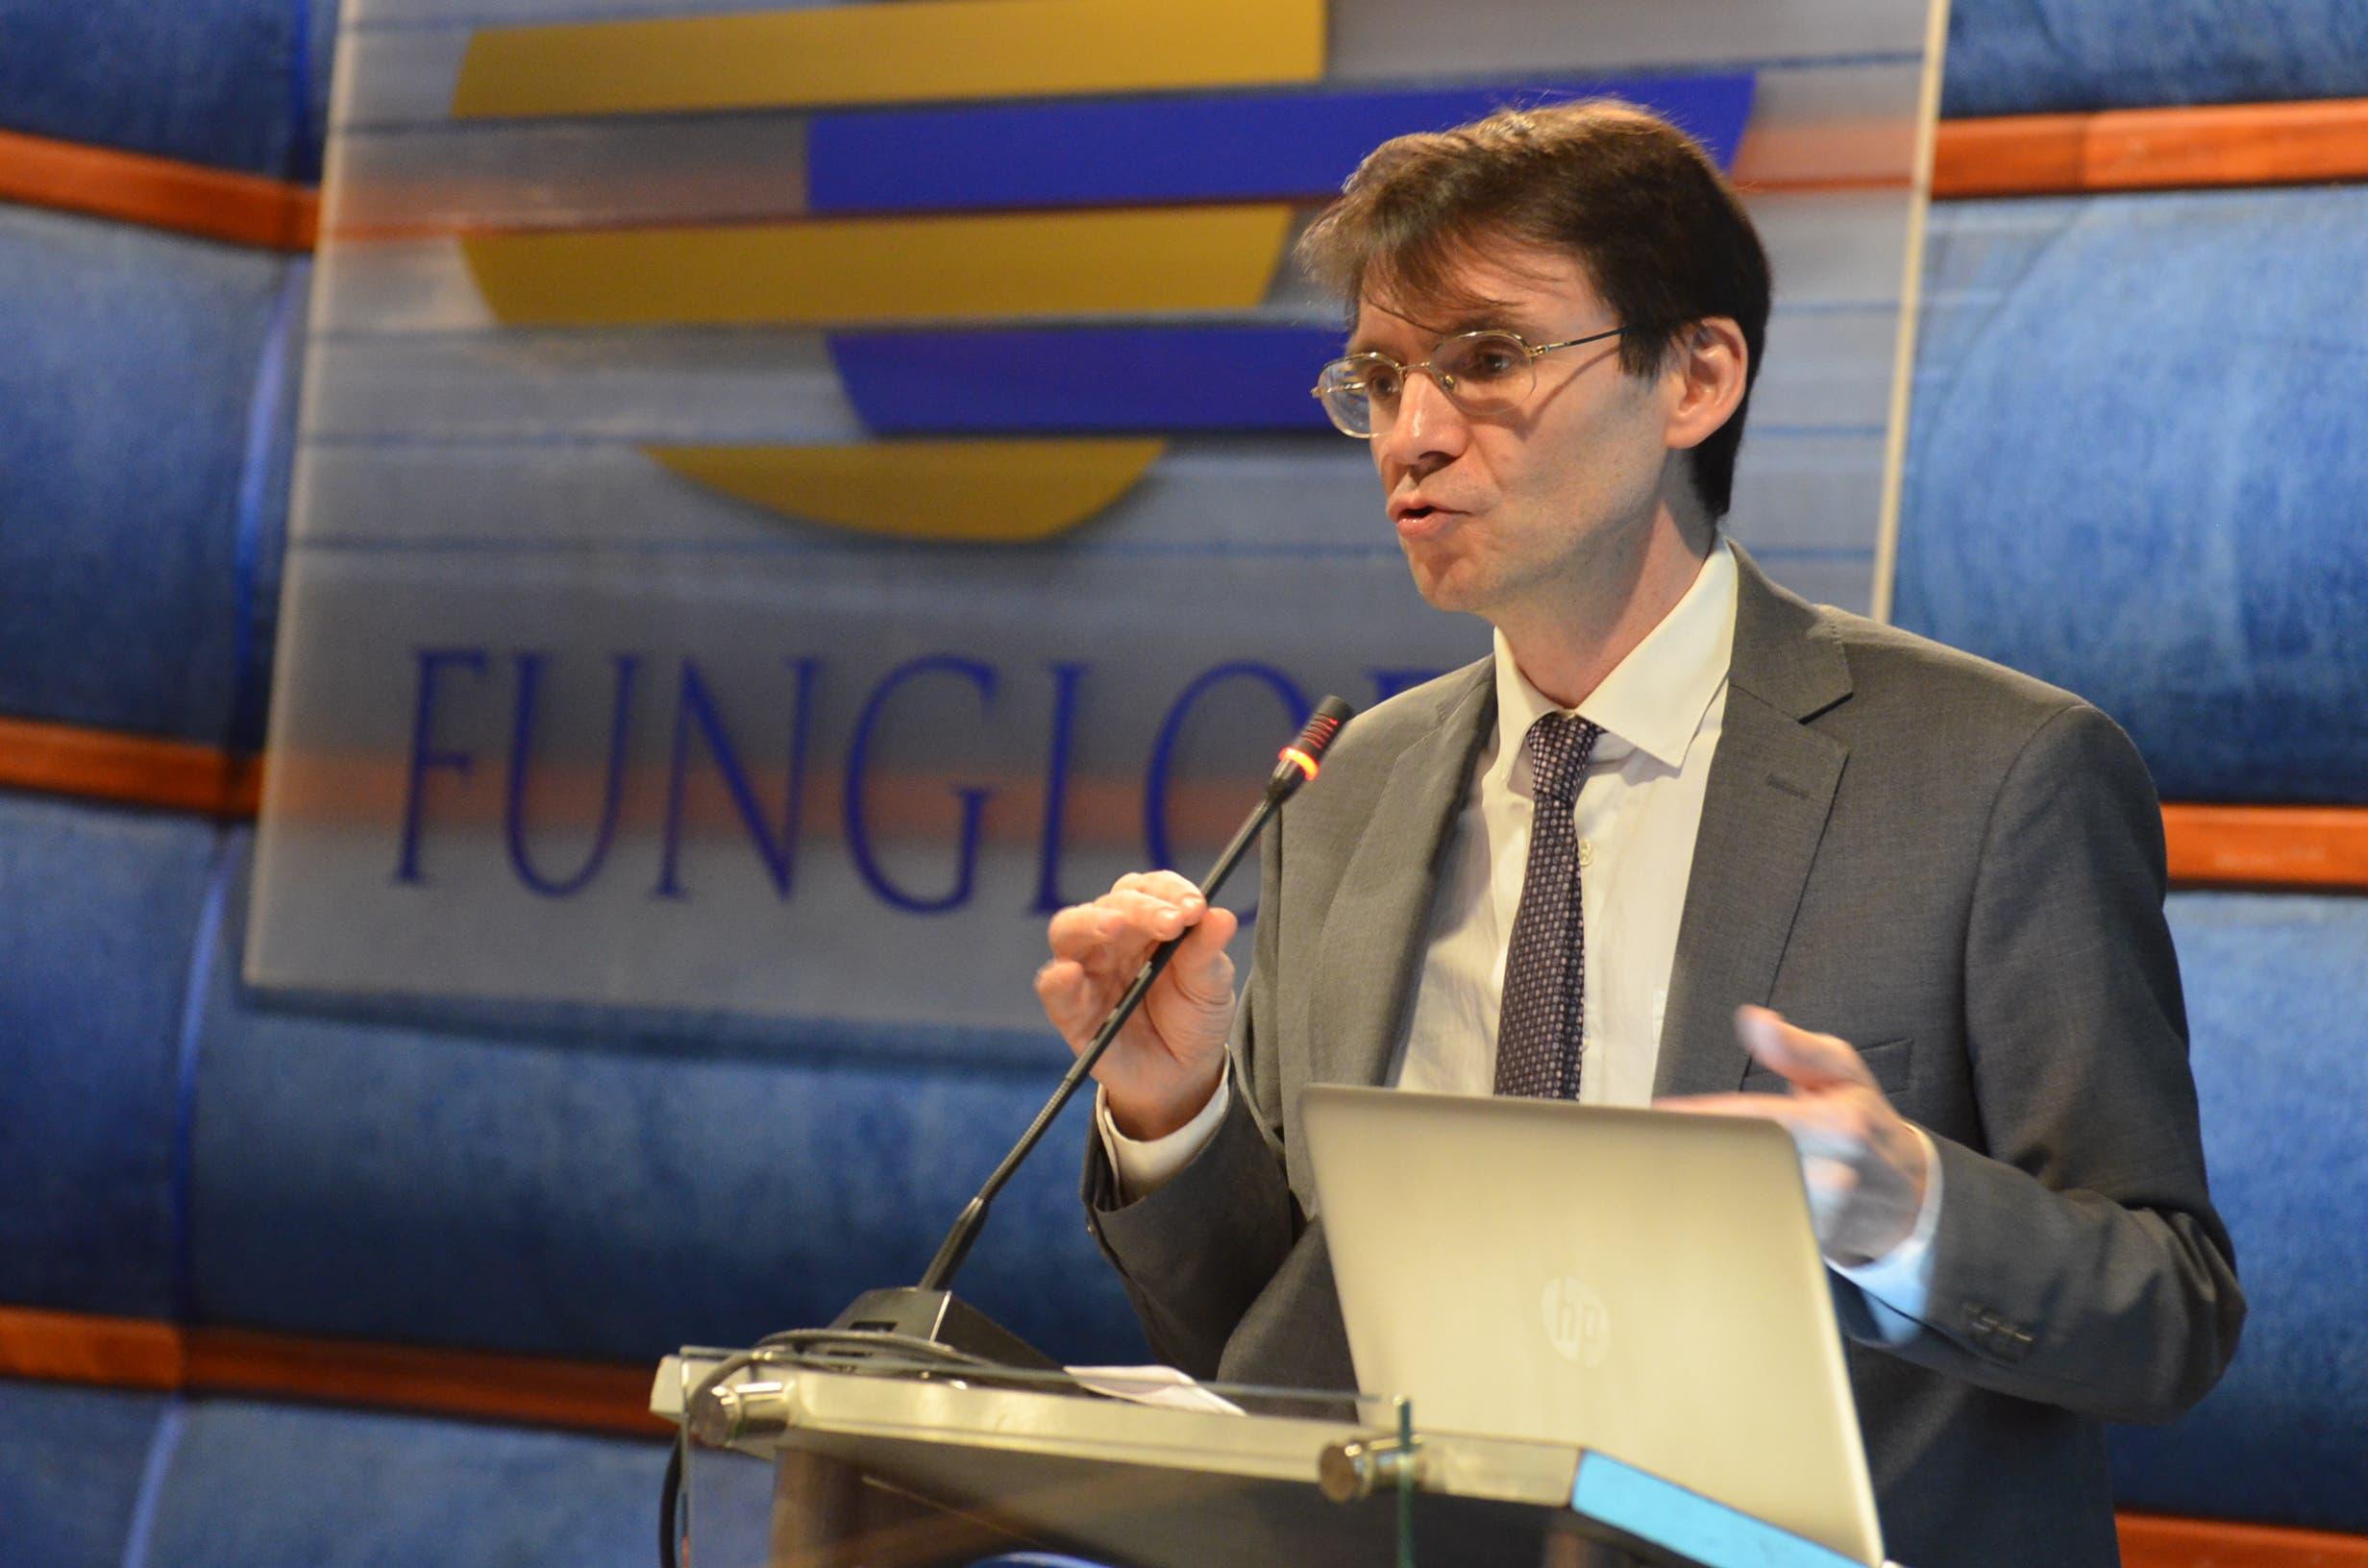 Especialista francés sostiene que las fronteras son el primer mecanismo de defensa de la soberanía de los países